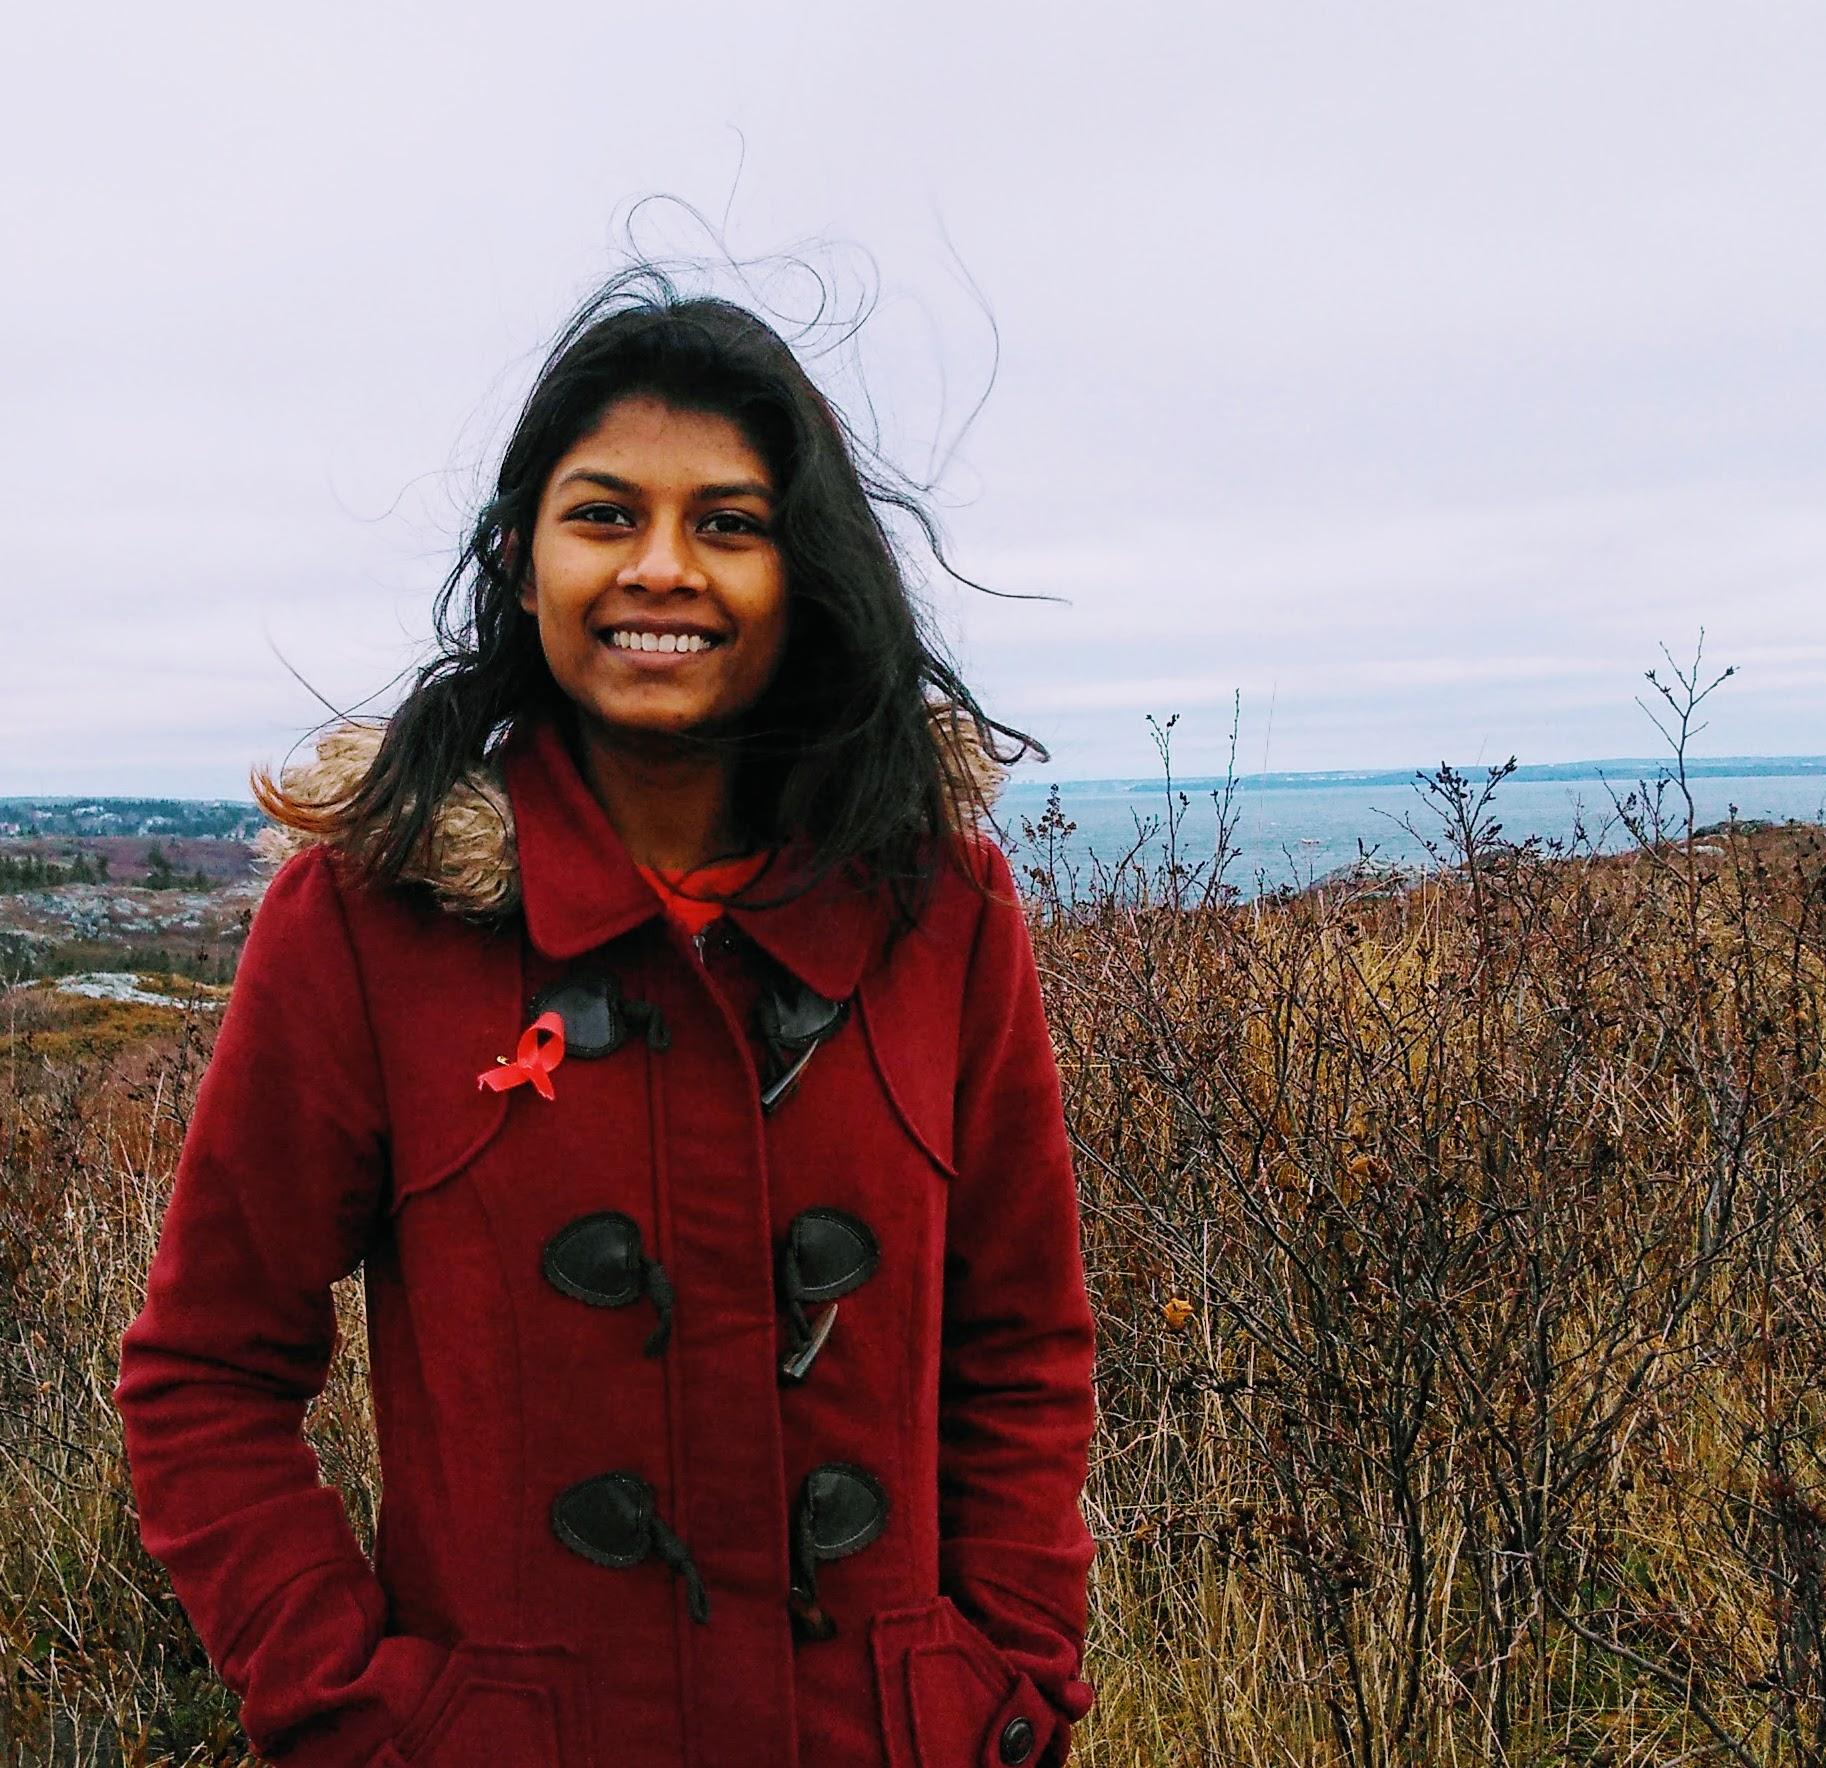 Cecilia Roy, Prince Edward Island